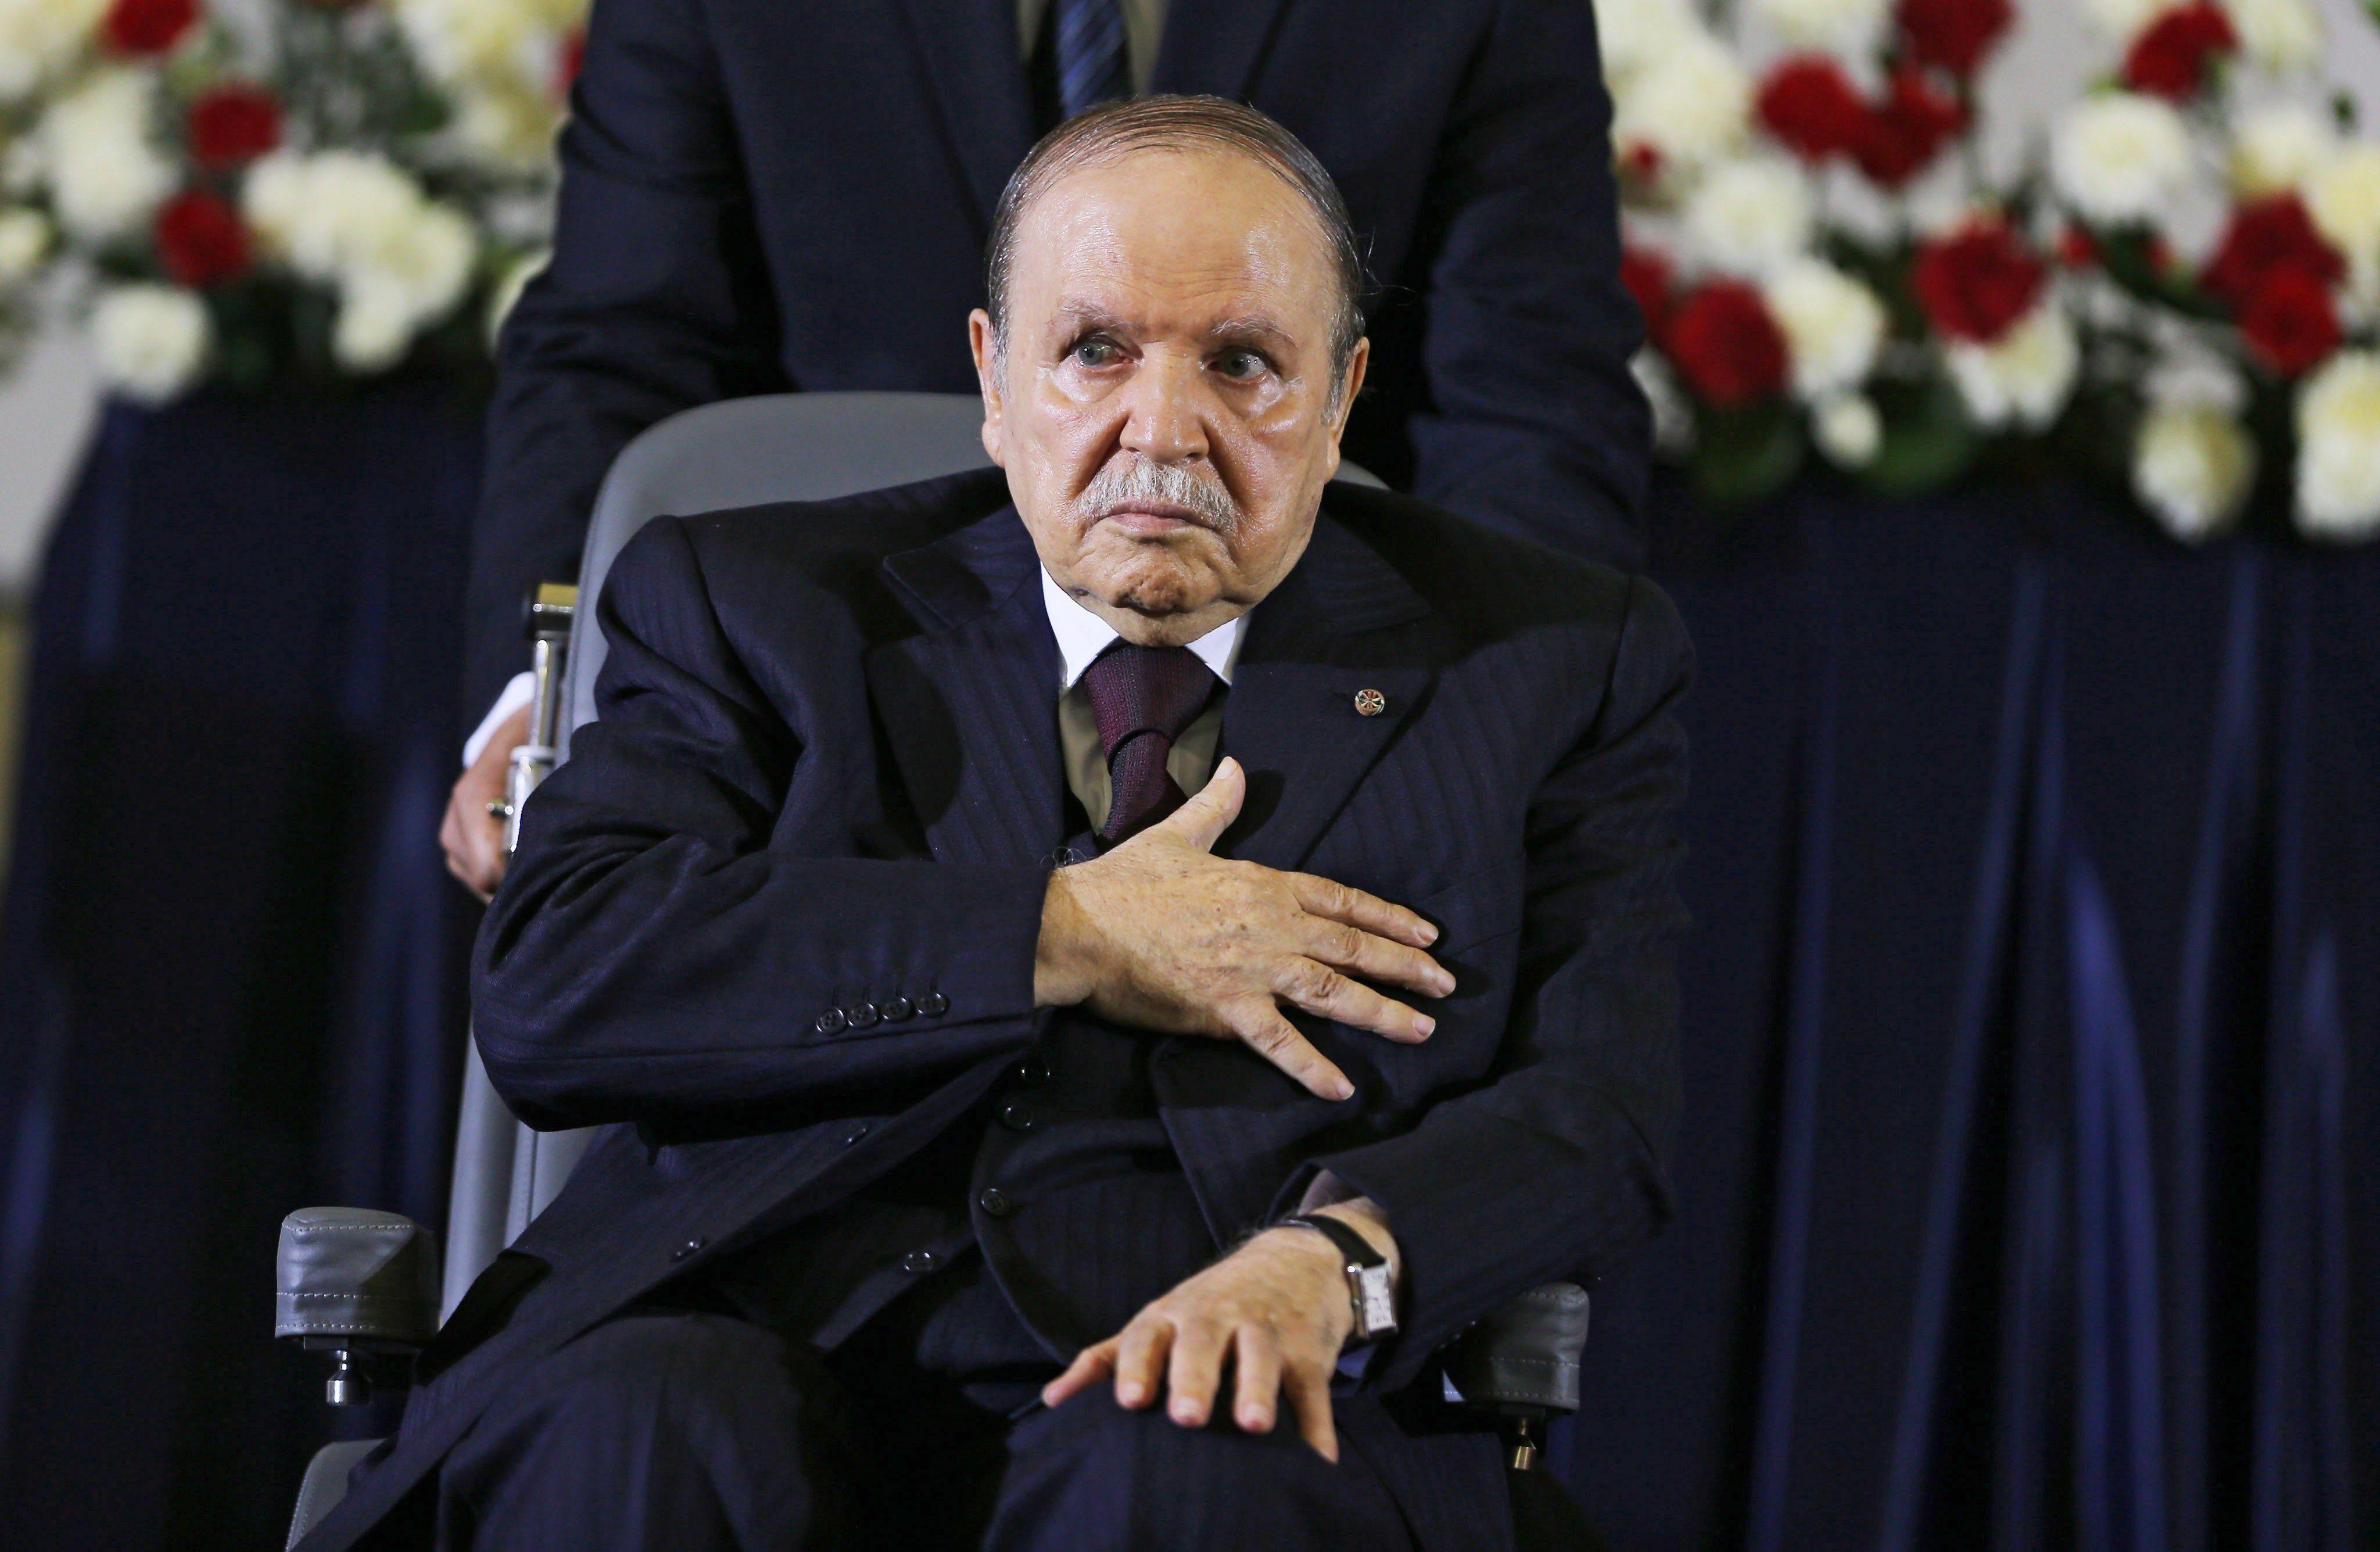 Renuncia a la presidencia Abdelaziz Bouteflika: la Primavera Árabe llega por fin a Argelia